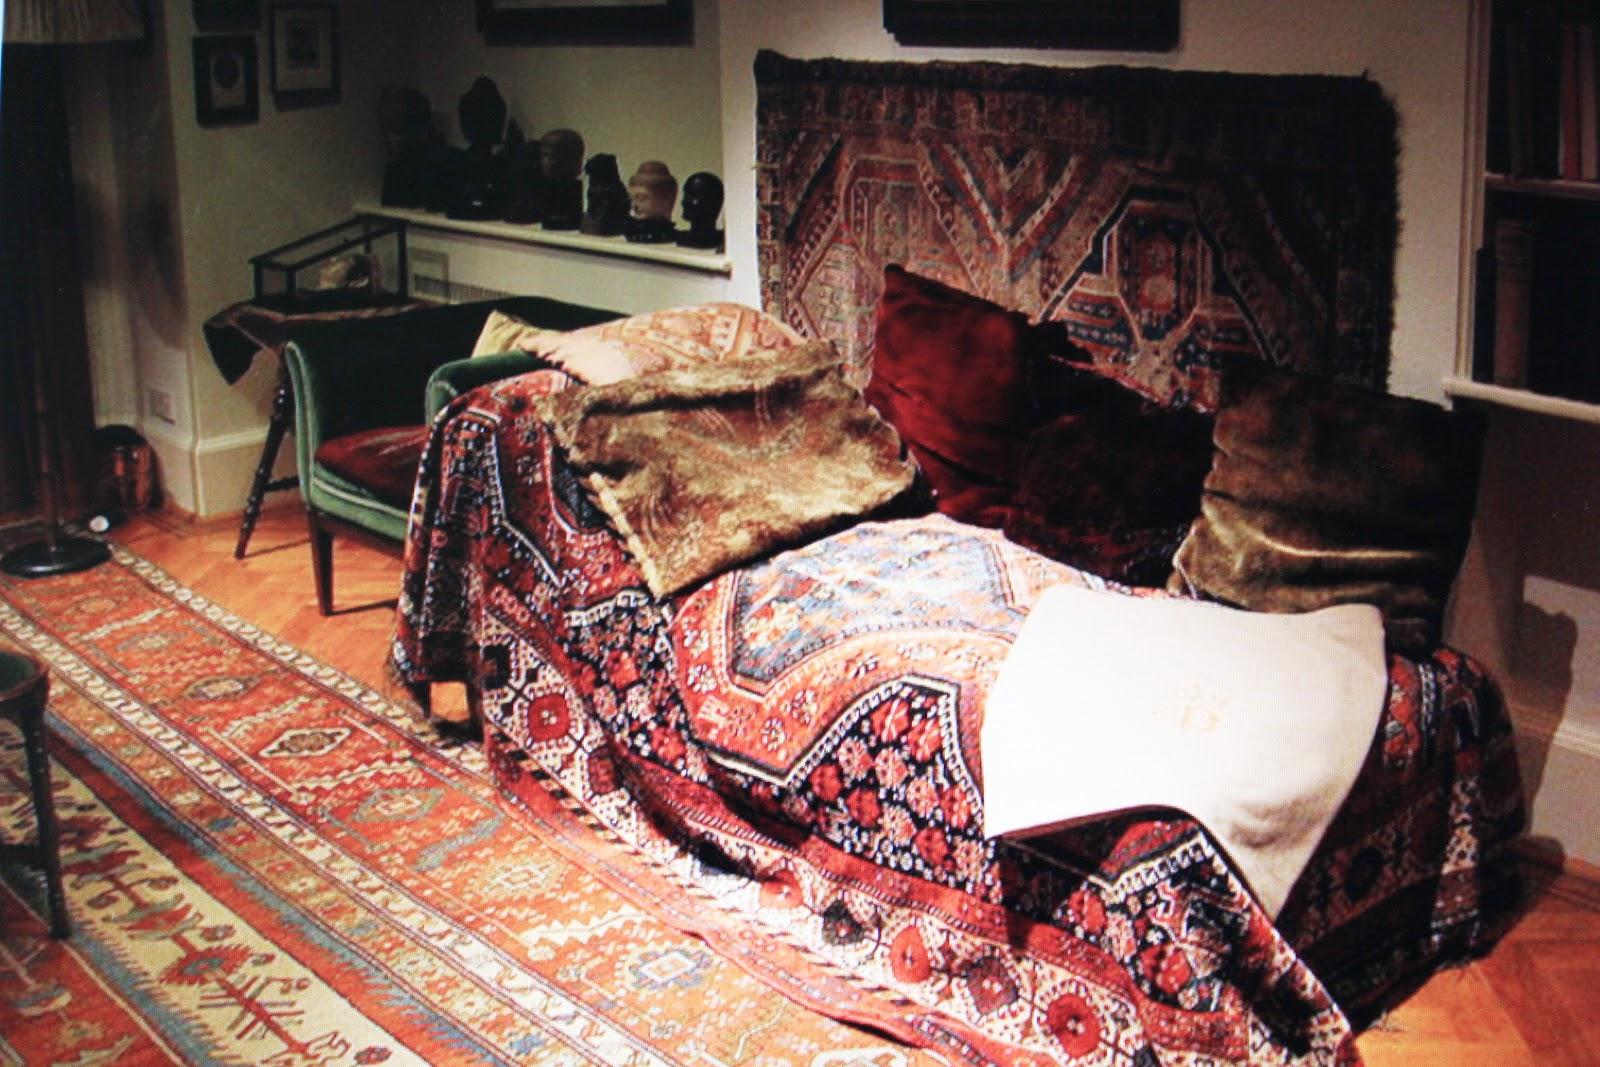 Sigmund Freuds couch | Sigmund Freud | Pinterest | Sigmund ...